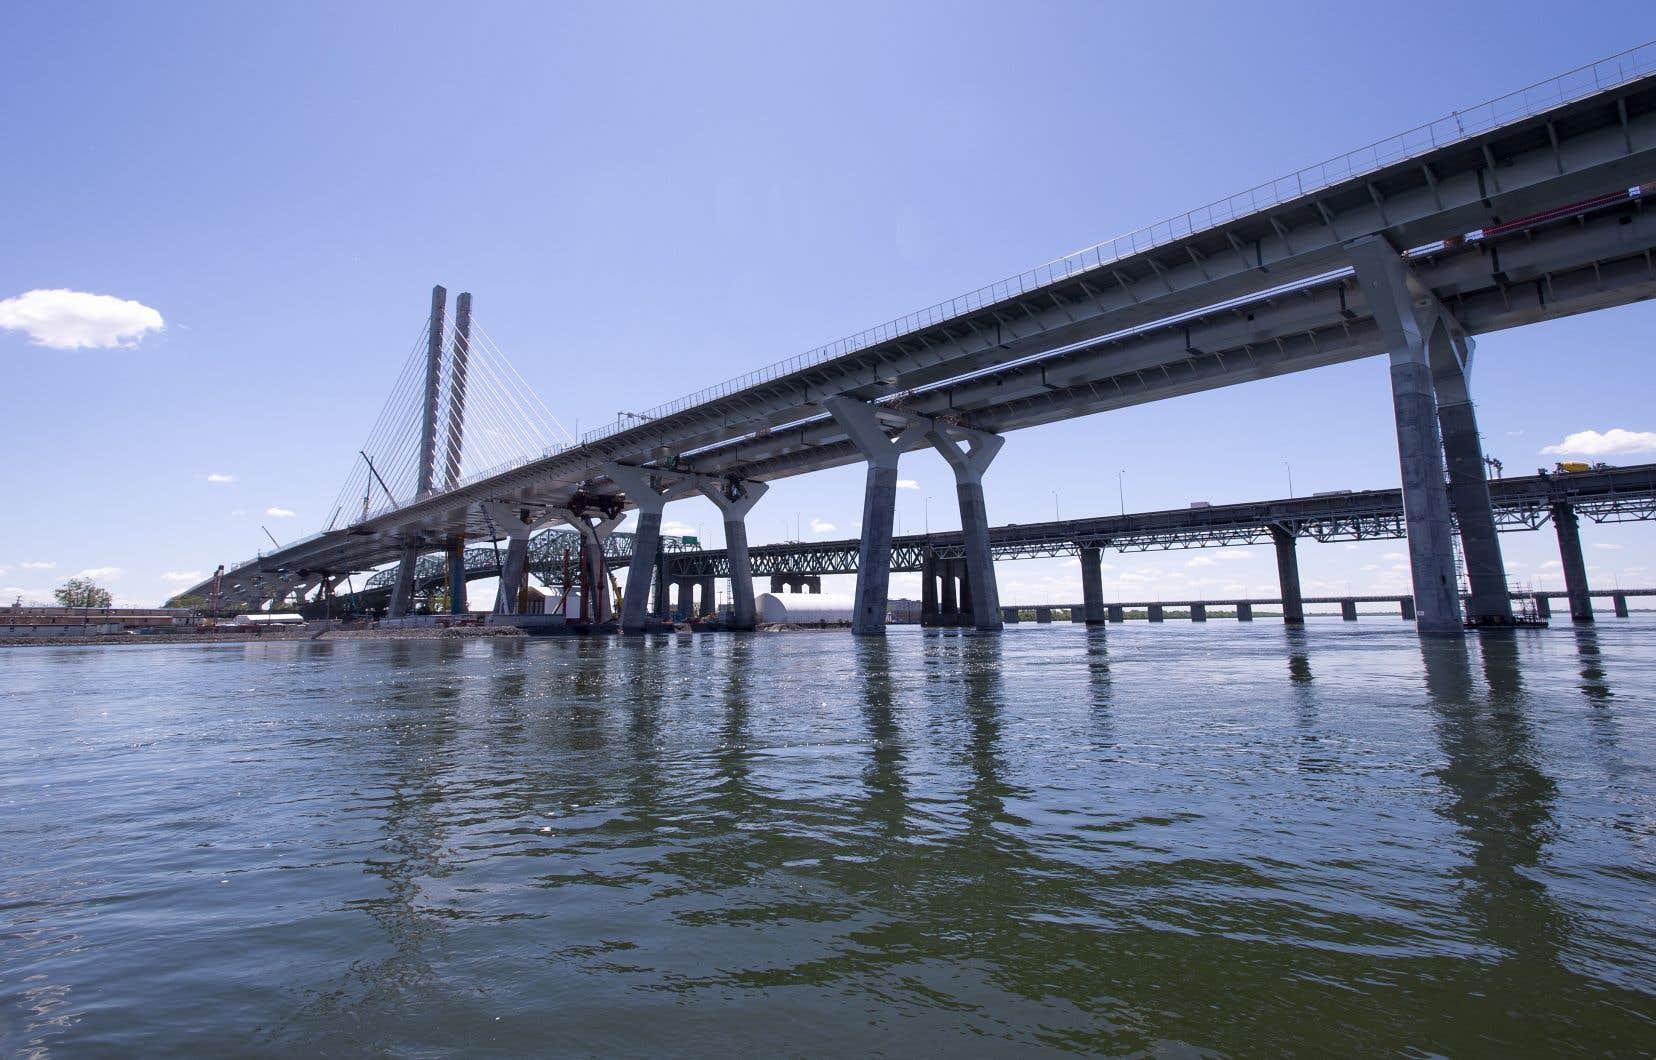 Béton Haute Performance Recette le pont samuel-de champlain, remarquable à sa façon | le devoir